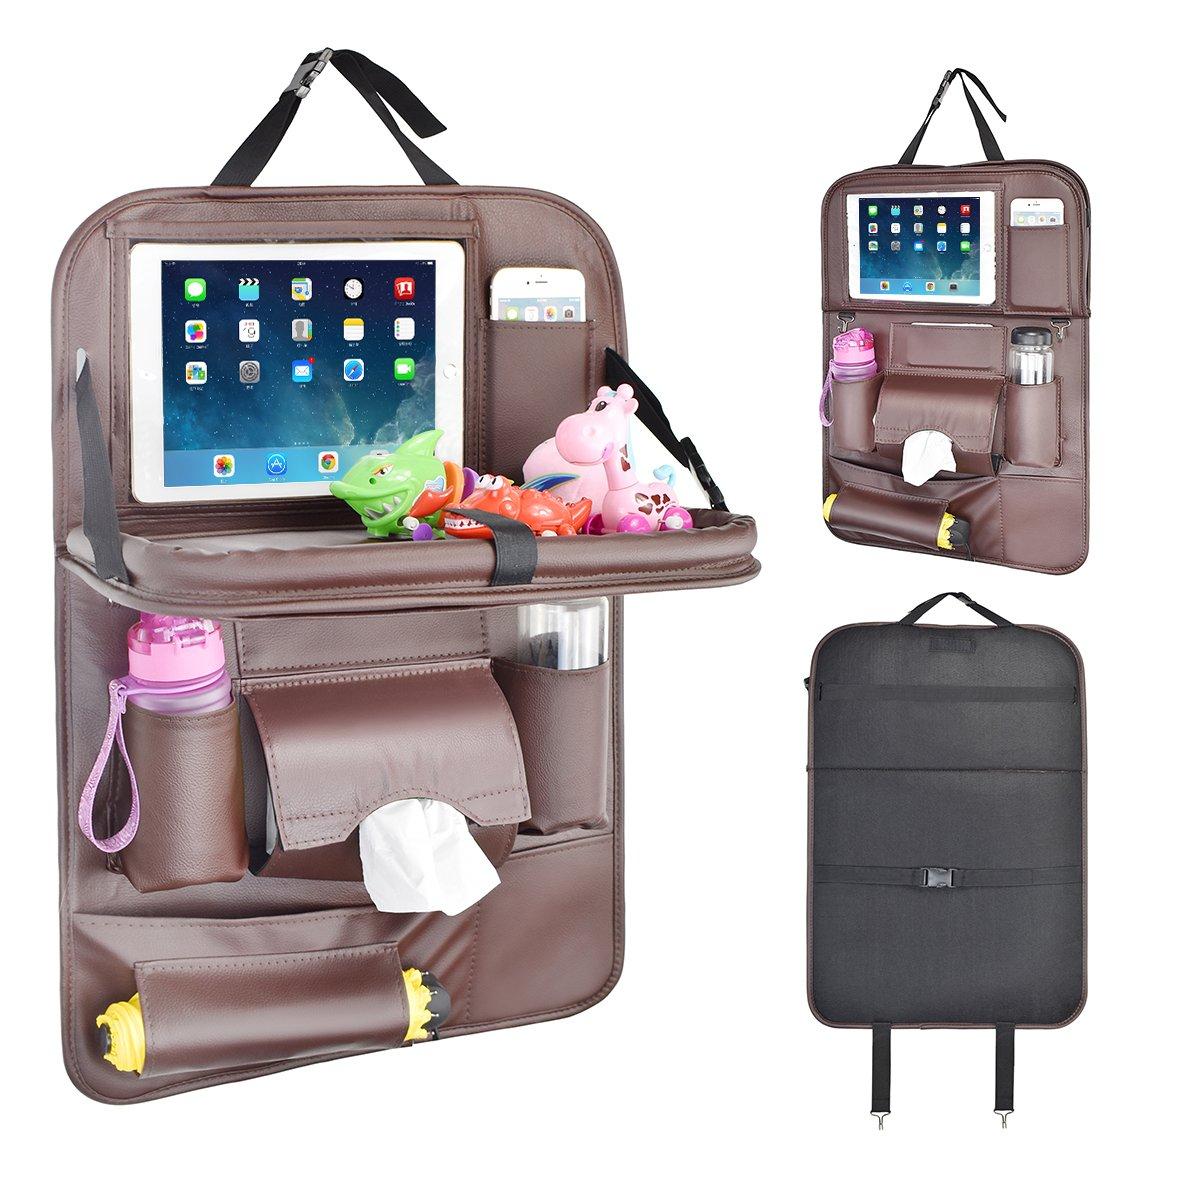 Suasi PUレザー車Backseat Organizer for Baby withトレイ折りたたみ式ダイニングテーブルデスクシート背面タブレットiPadホルダーティッシュストレージバッグポケットキッズ旅行 ホワイト SUYUM-002  1 Pack Brown B07CH9YBXW